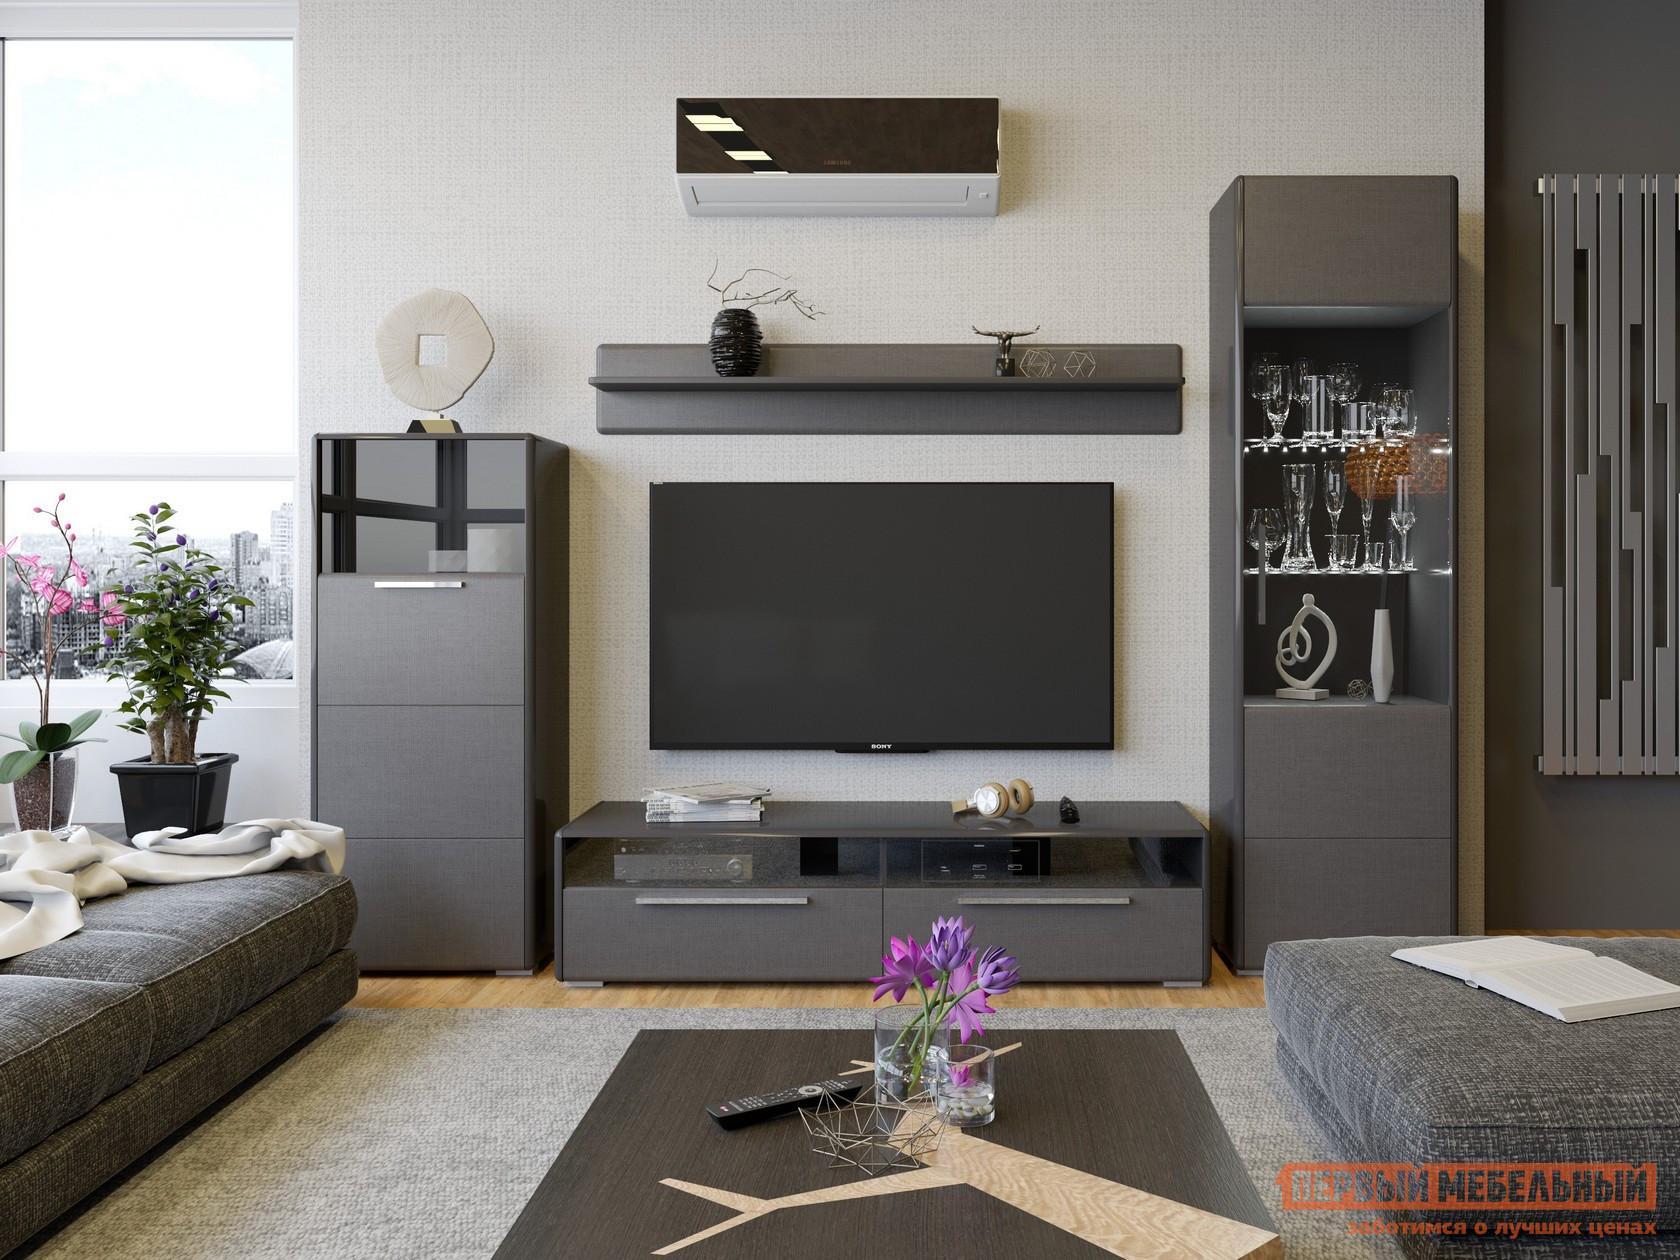 Стенка для гостиной ТриЯ ГН-208.104 стенка для гостиной трия ривьера гн 241 202 набор мебели для гостиной 2